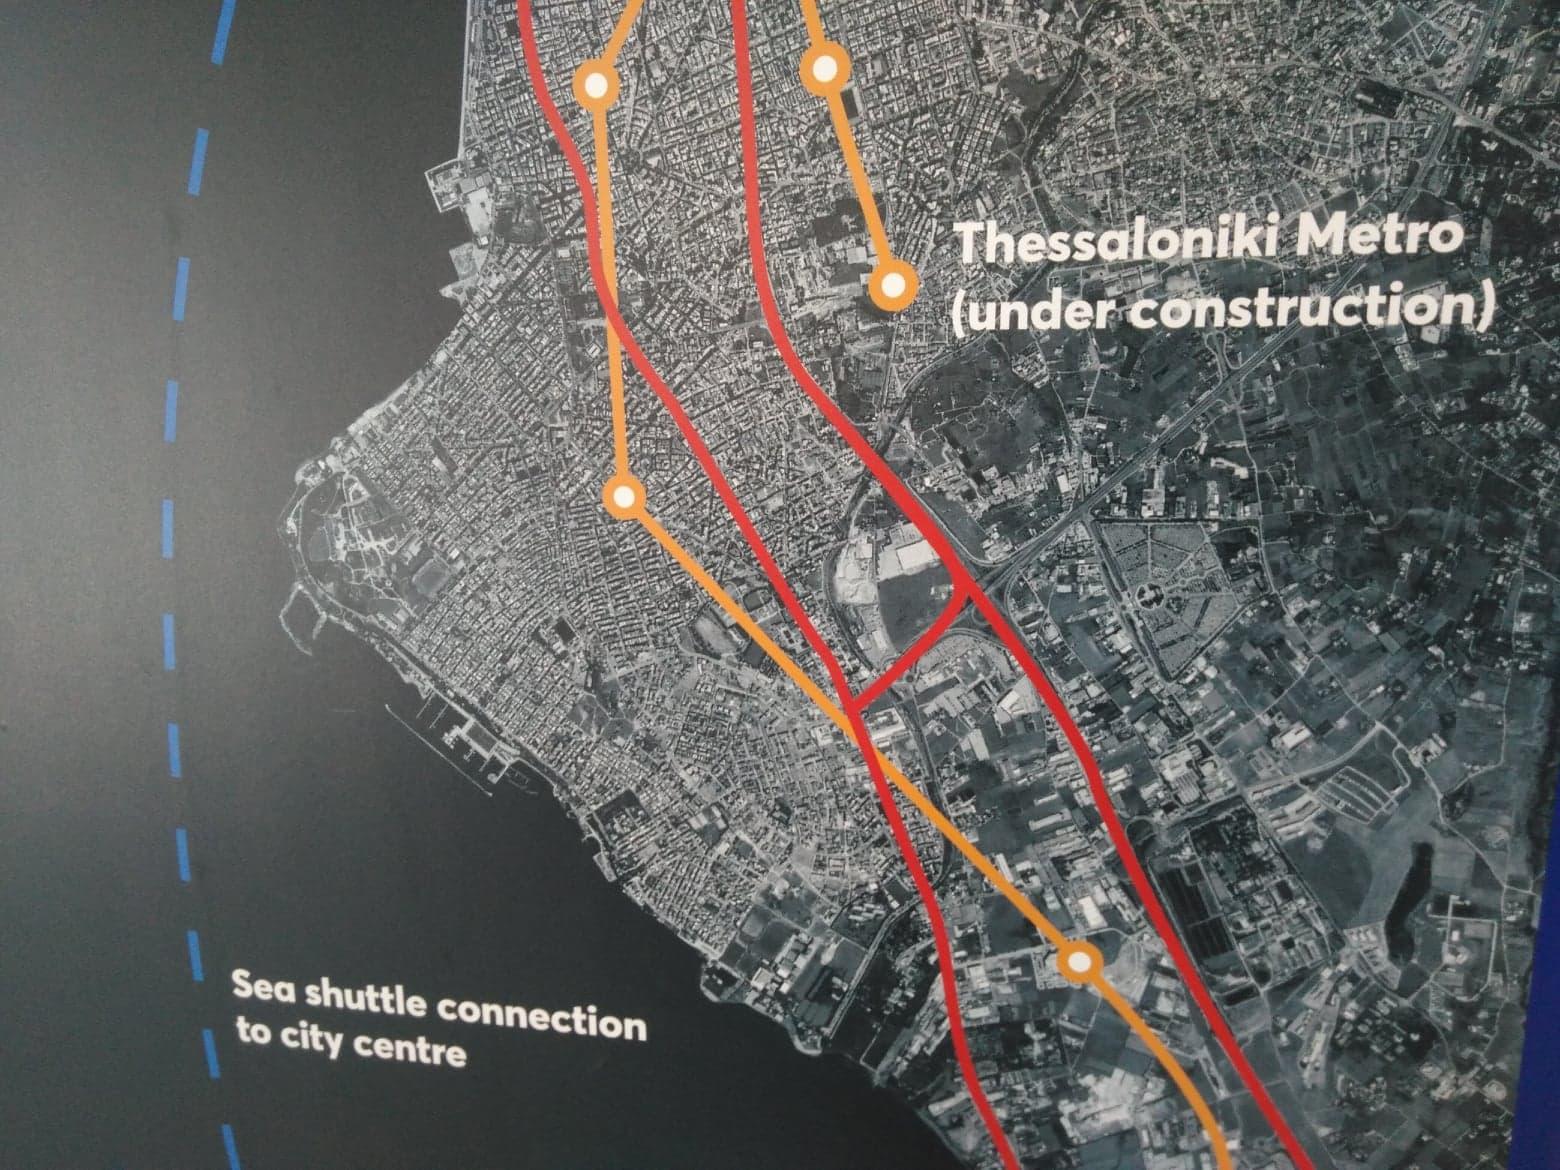 Πρόβλημα με τη στατικότητα του εδάφους για τα κτίρια του THESSINTEC